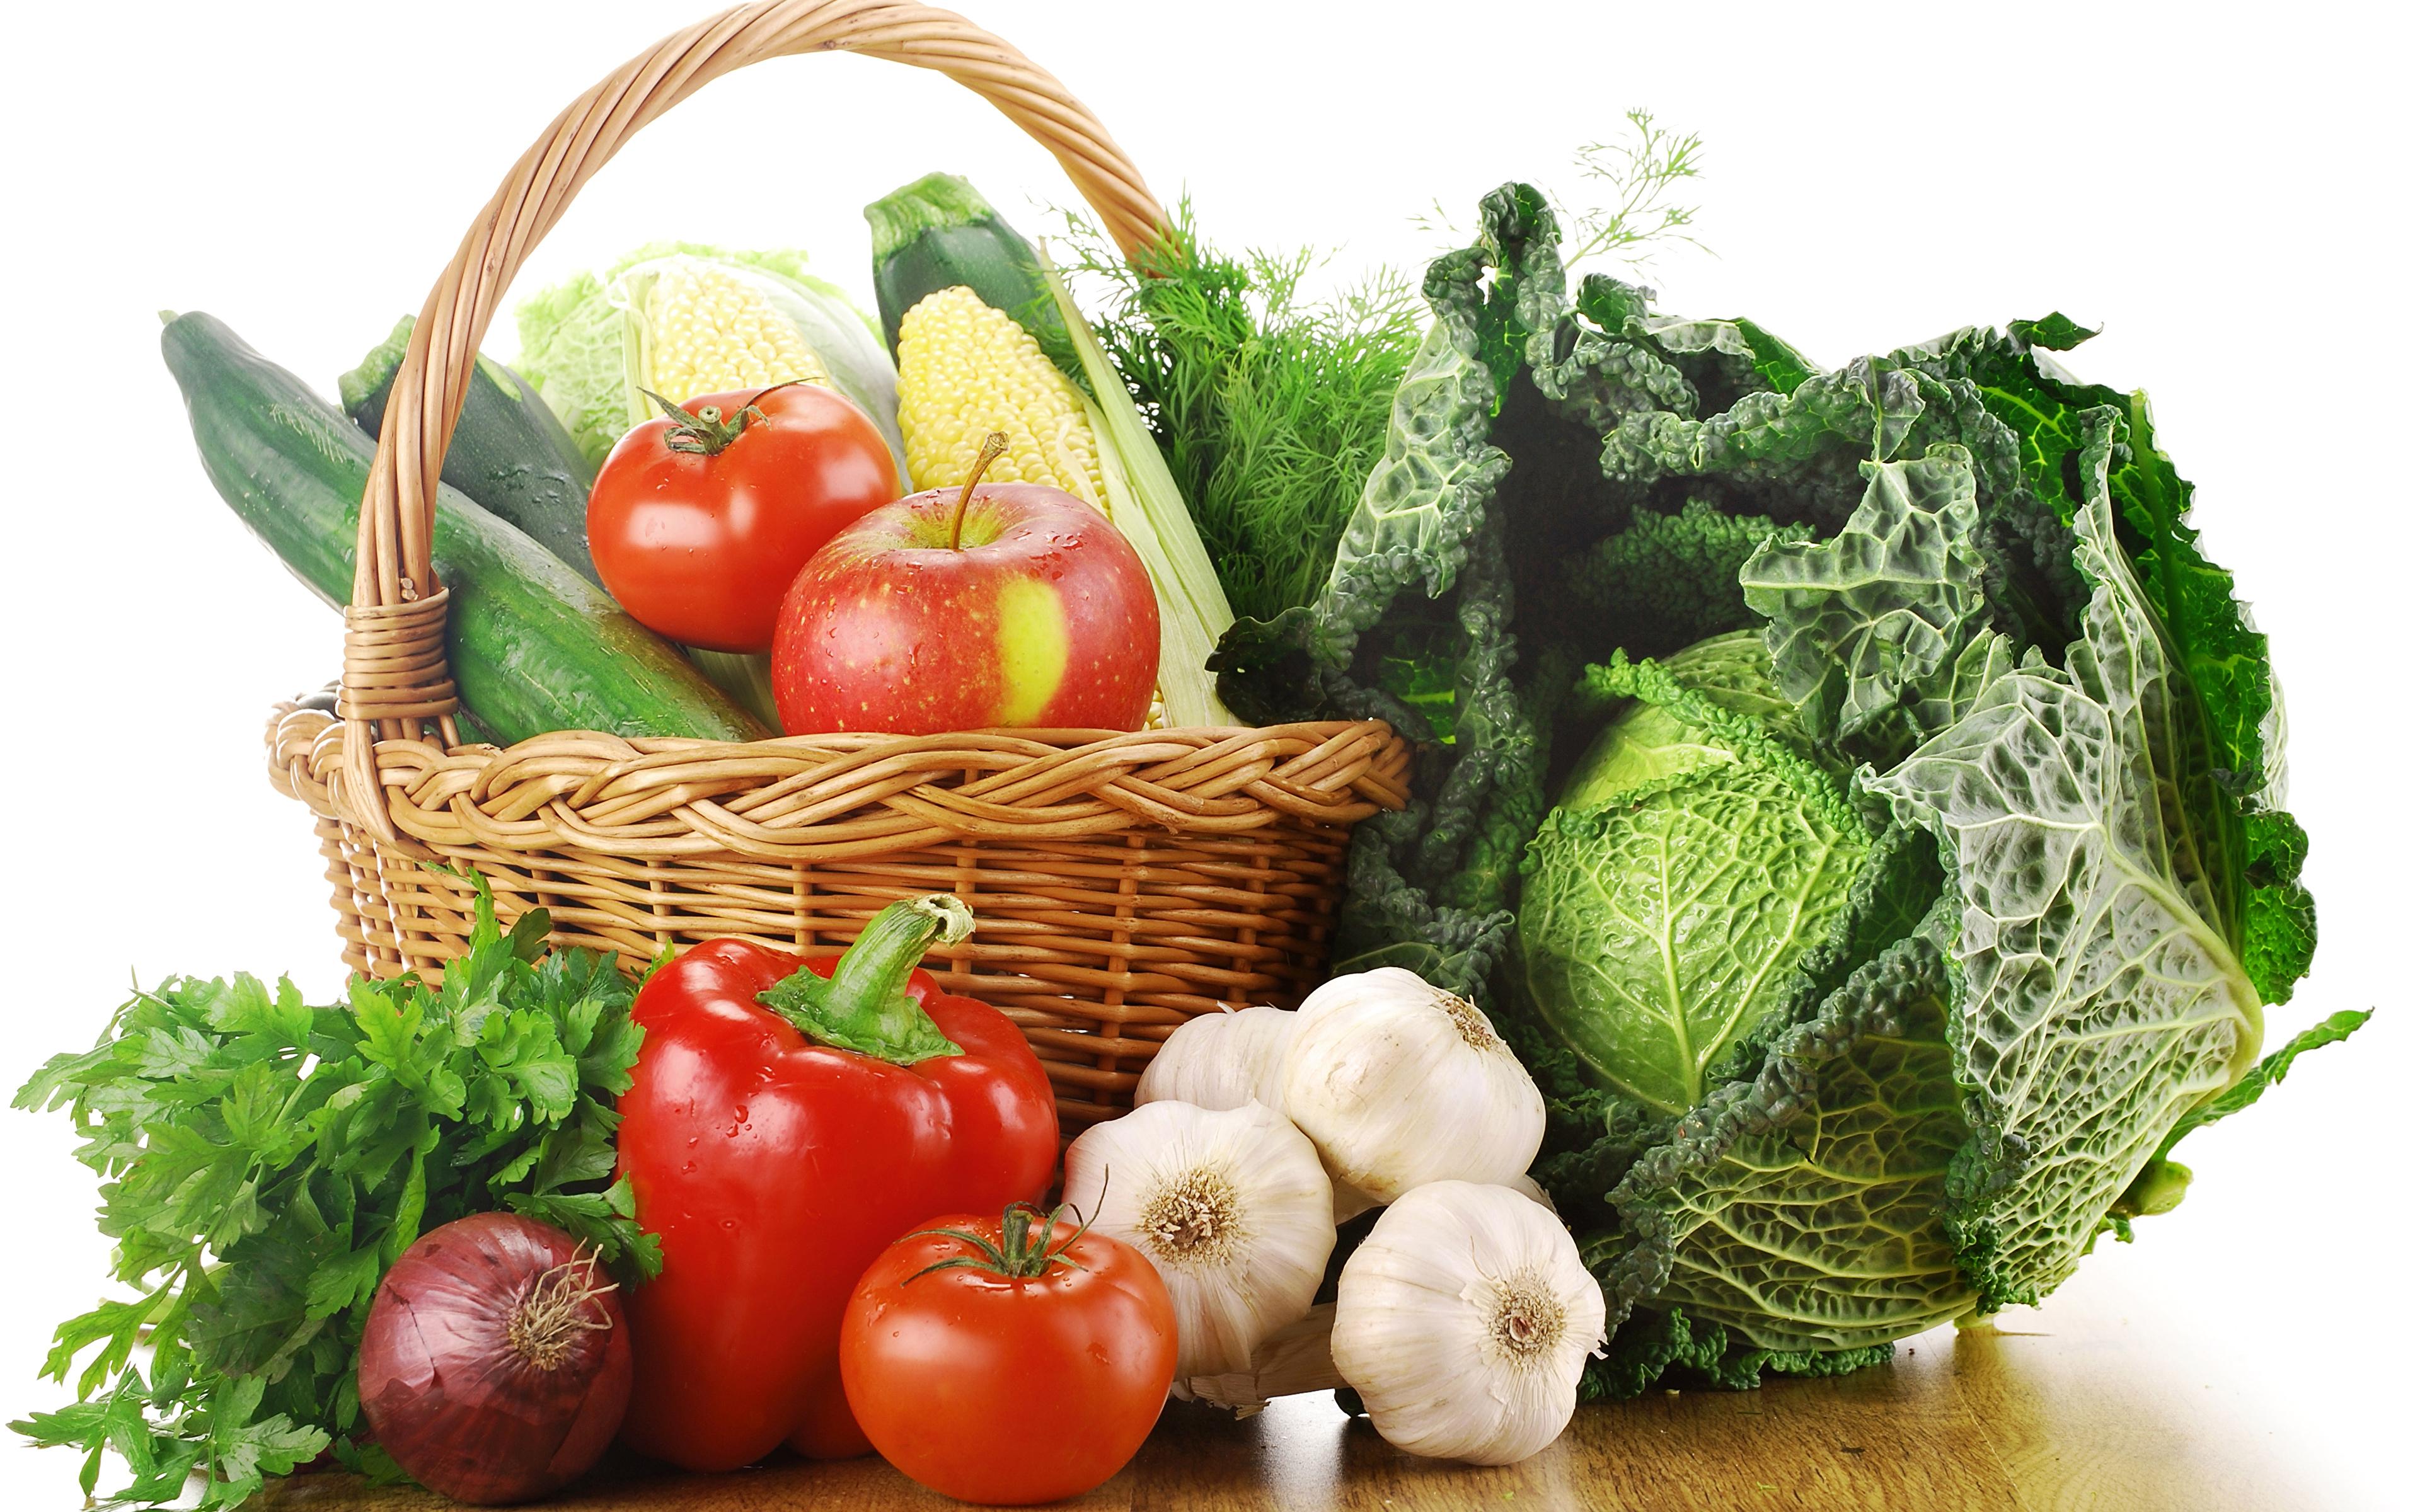 Fotos Kohl Tomate Zwiebel Äpfel Knoblauch Weidenkorb Gemüse Peperone Lebensmittel Weißer hintergrund 3840x2400